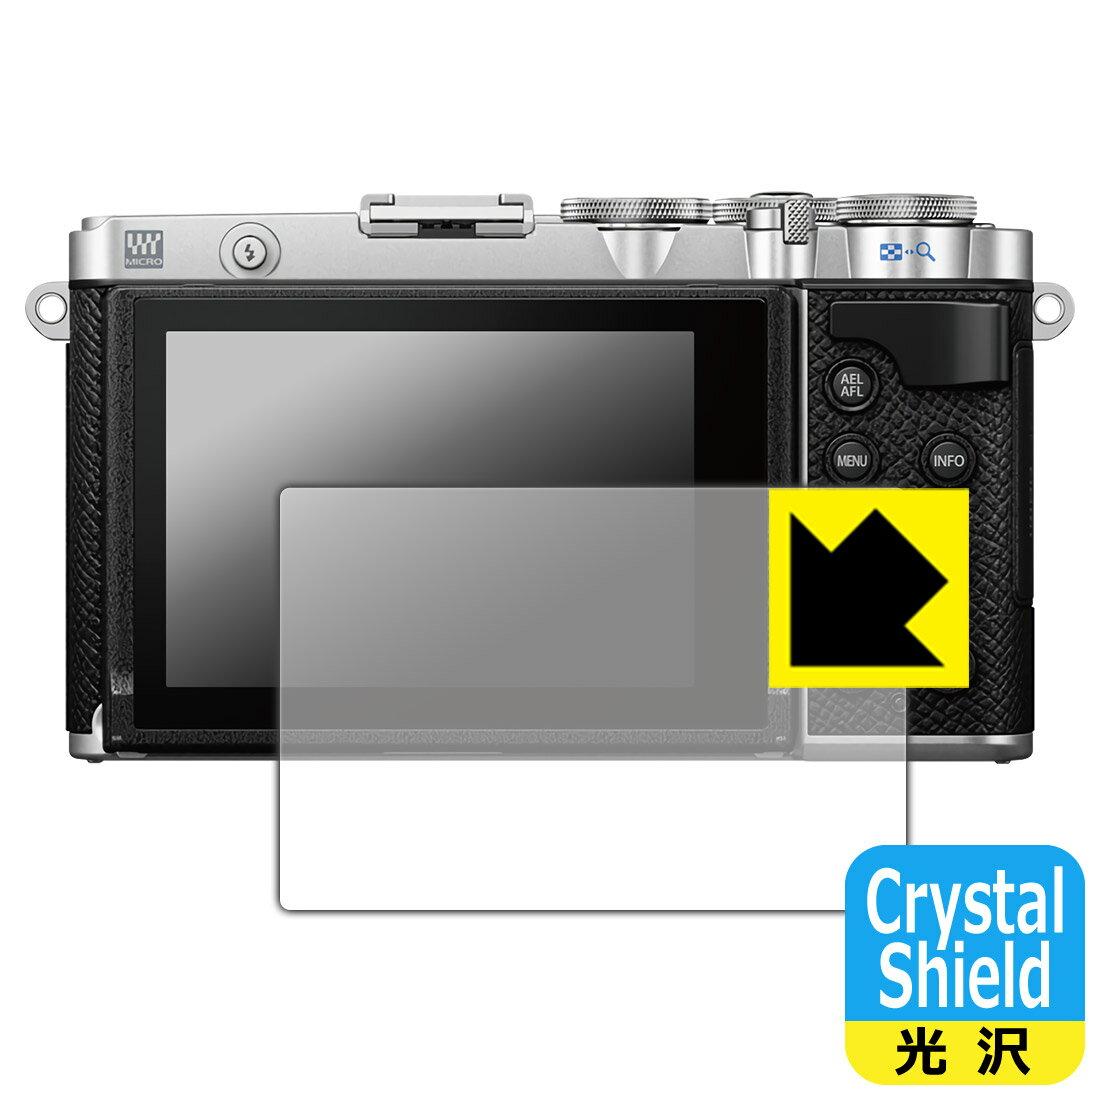 デジタルカメラ用アクセサリー, 液晶保護フィルム Crystal Shield OLYMPUS PEN E-P7 RCPsmtb-kd